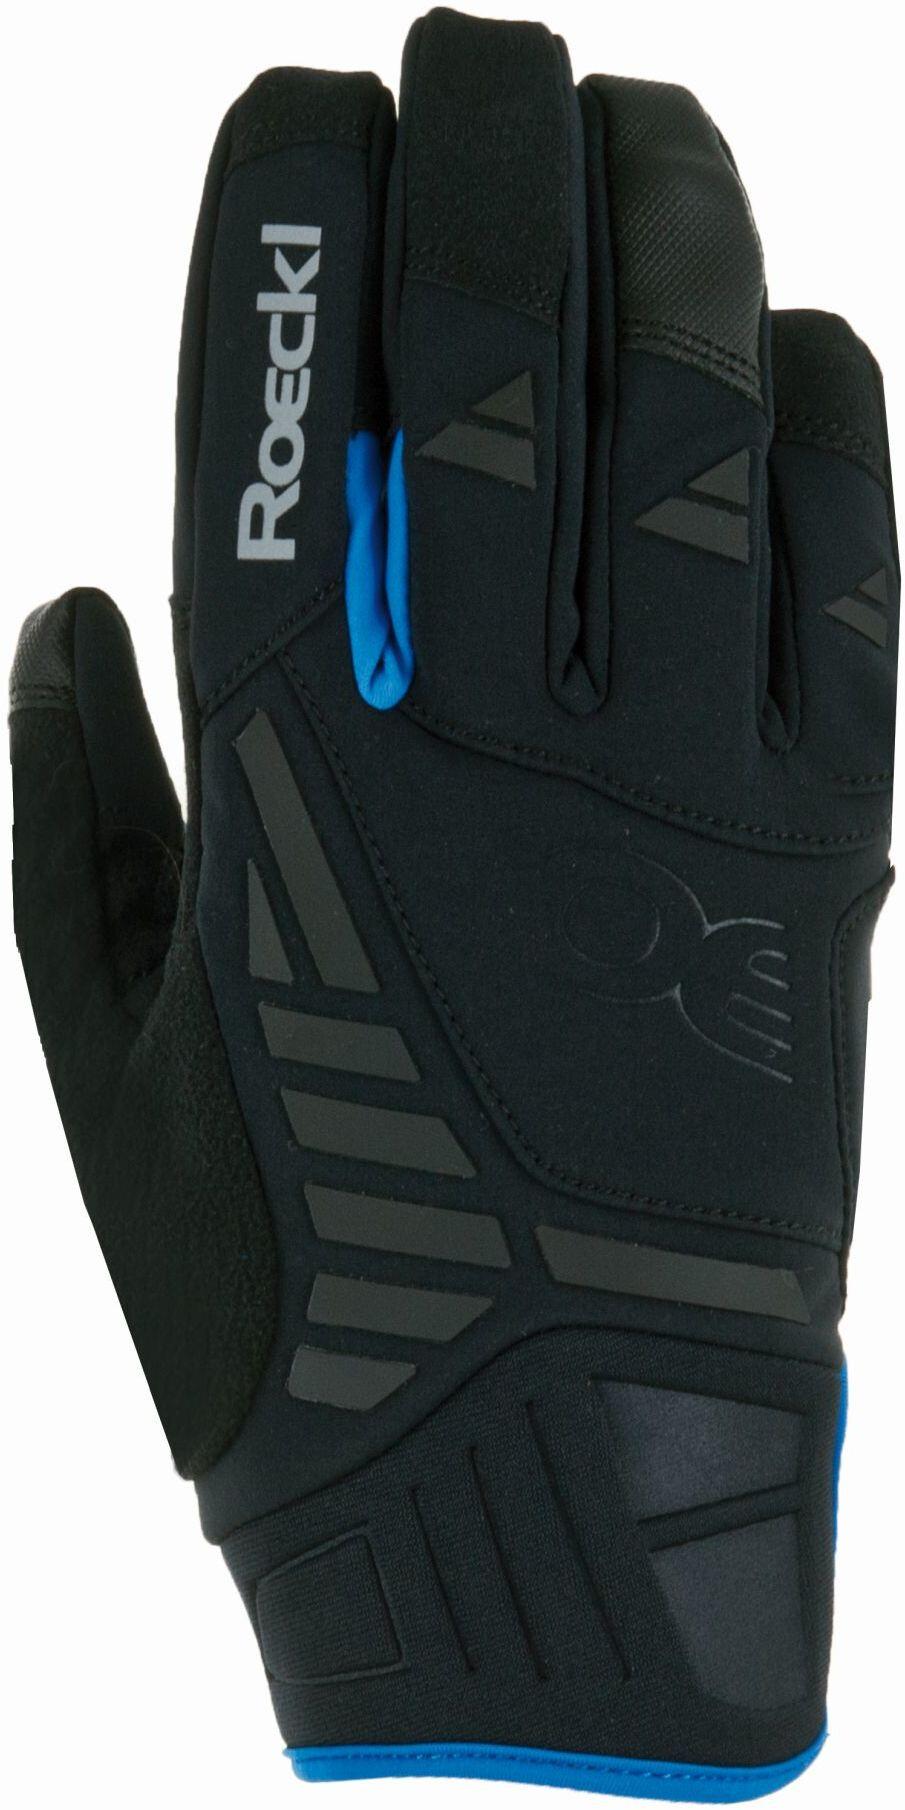 Roeckl Reintal Cykelhandsker, black/blue (2019) | Gloves